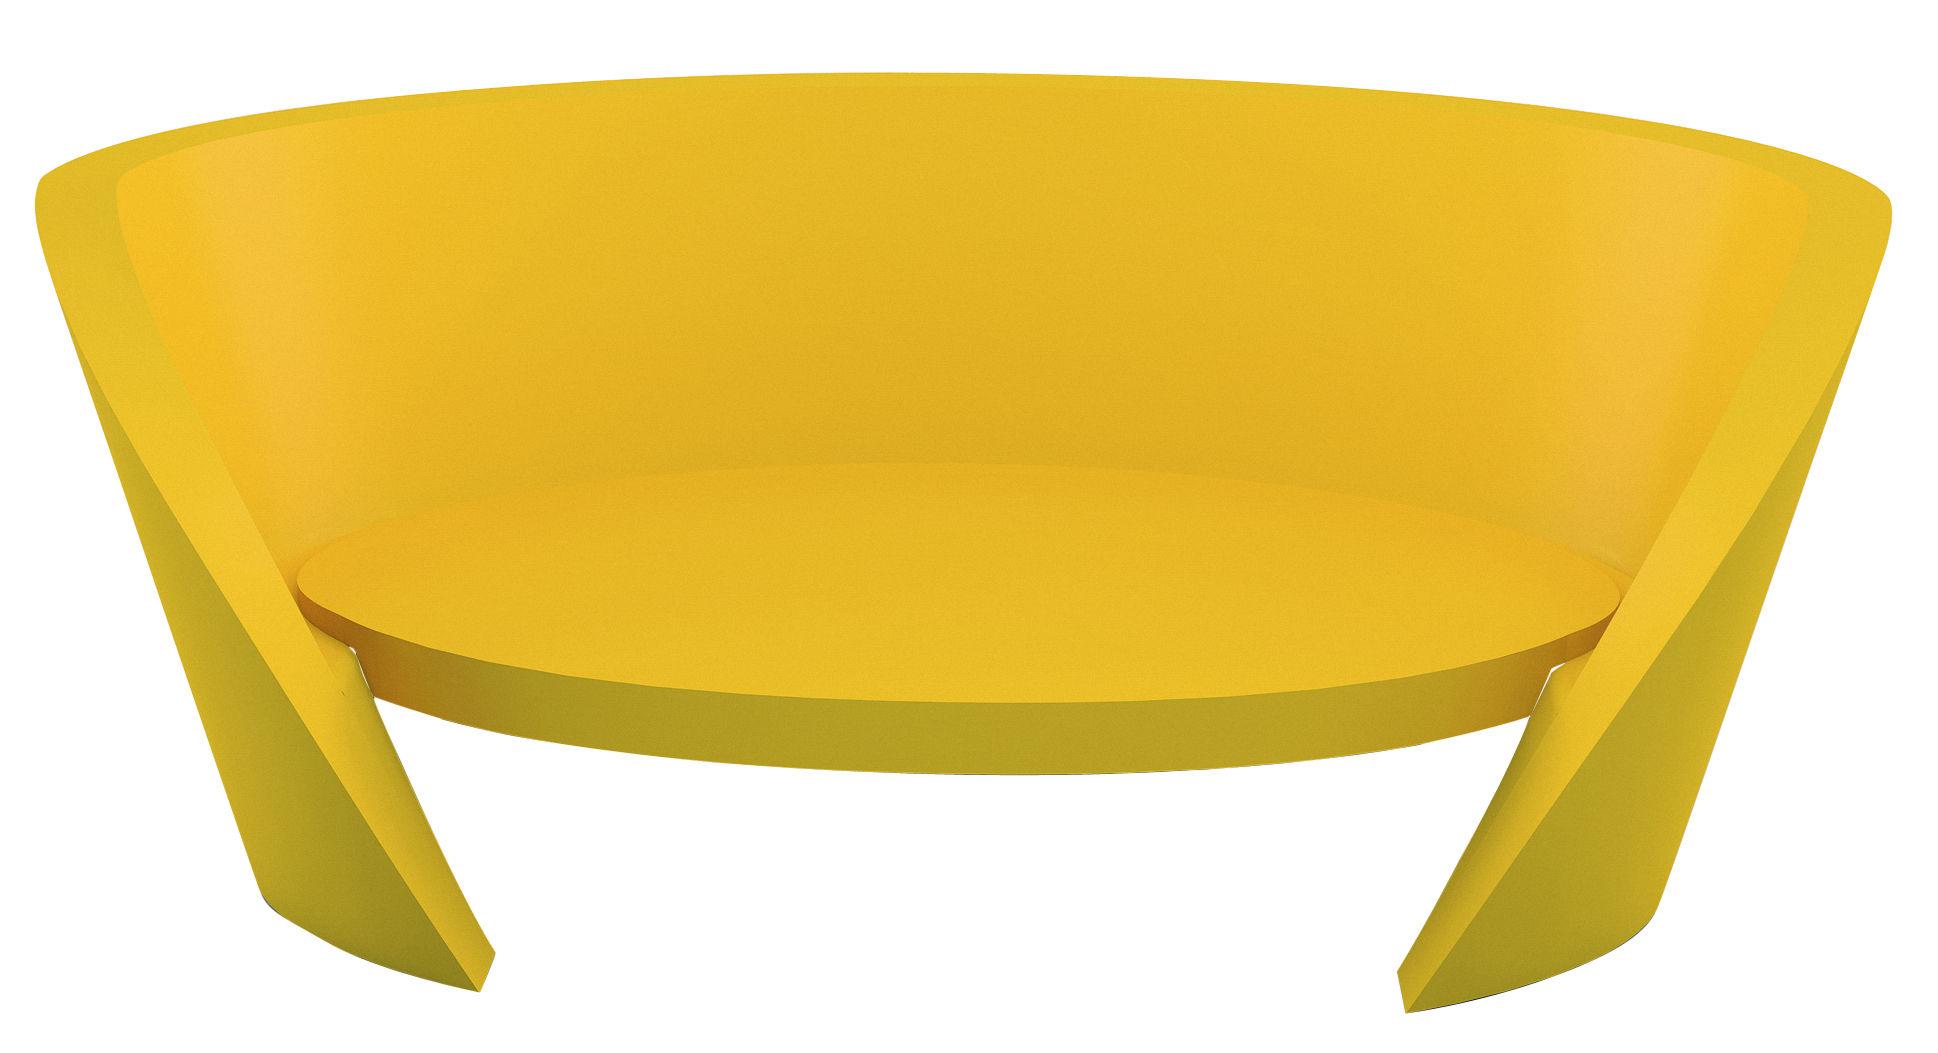 canap rap l 170 cm jaune slide made in design. Black Bedroom Furniture Sets. Home Design Ideas